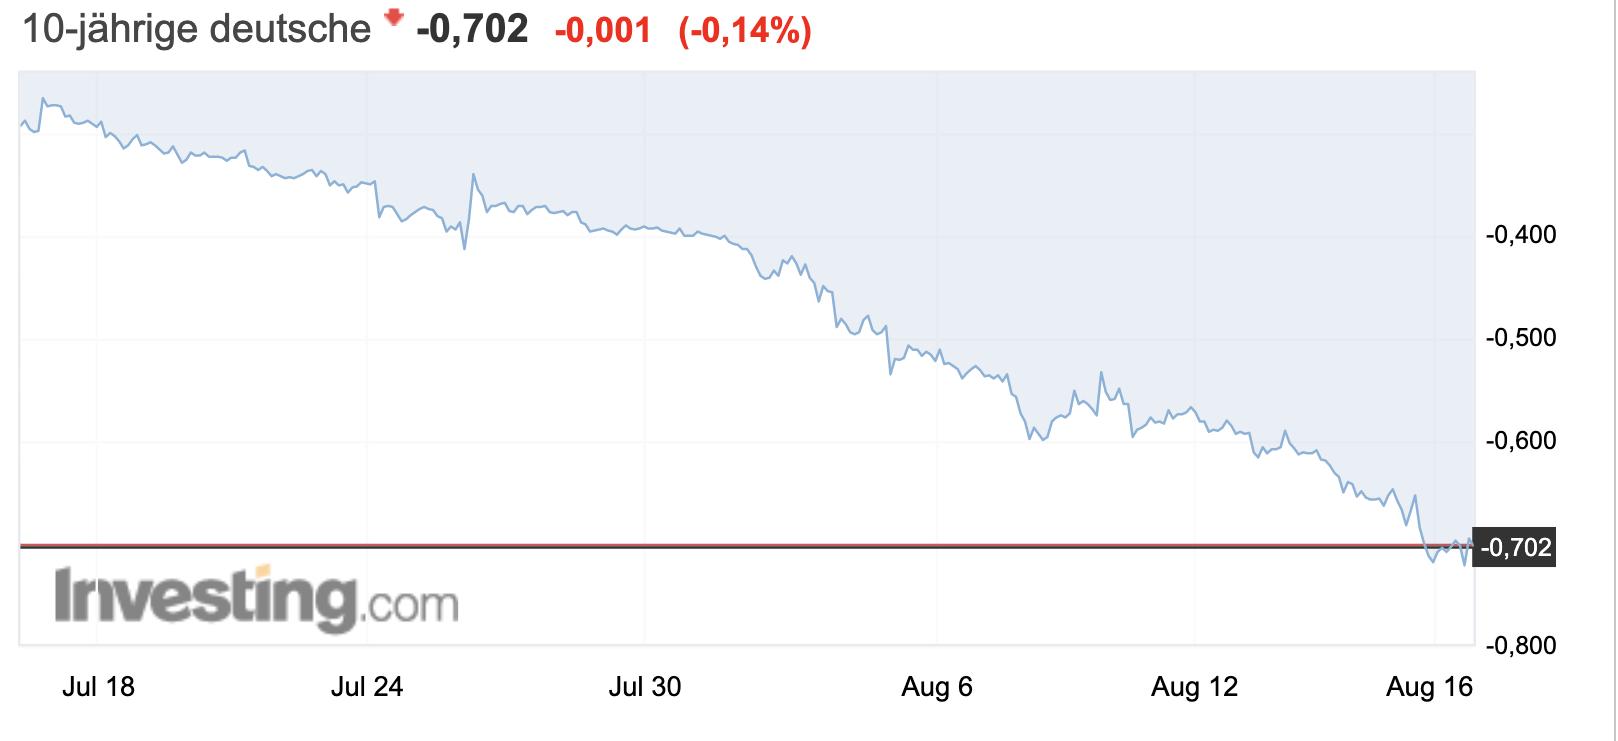 Rendite 10 Jahre deutsche Anleihen